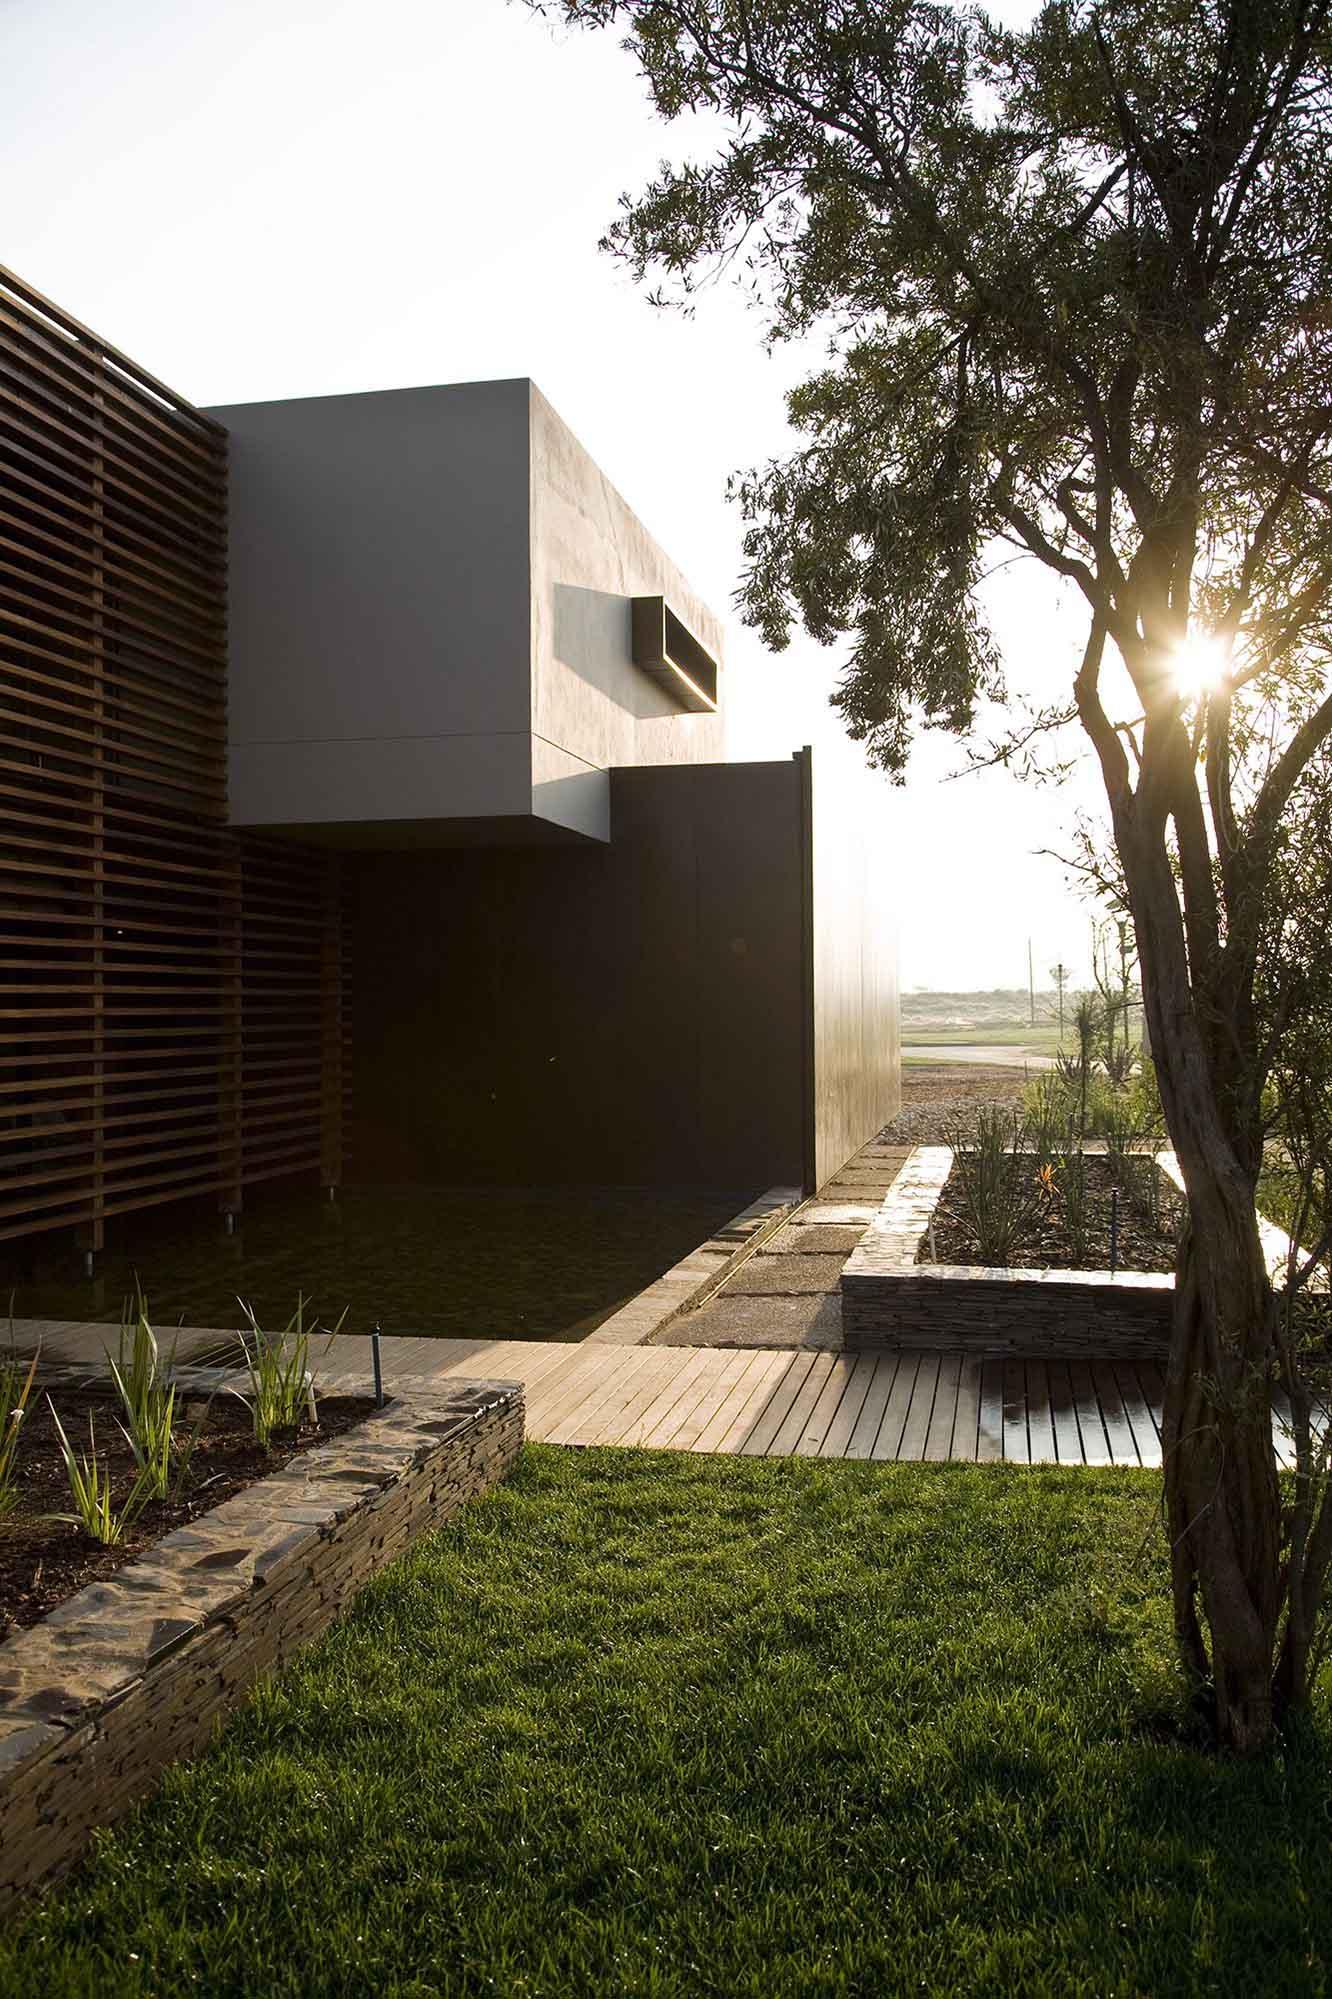 Serengeti Designed by Rudolph van der Meulen 274